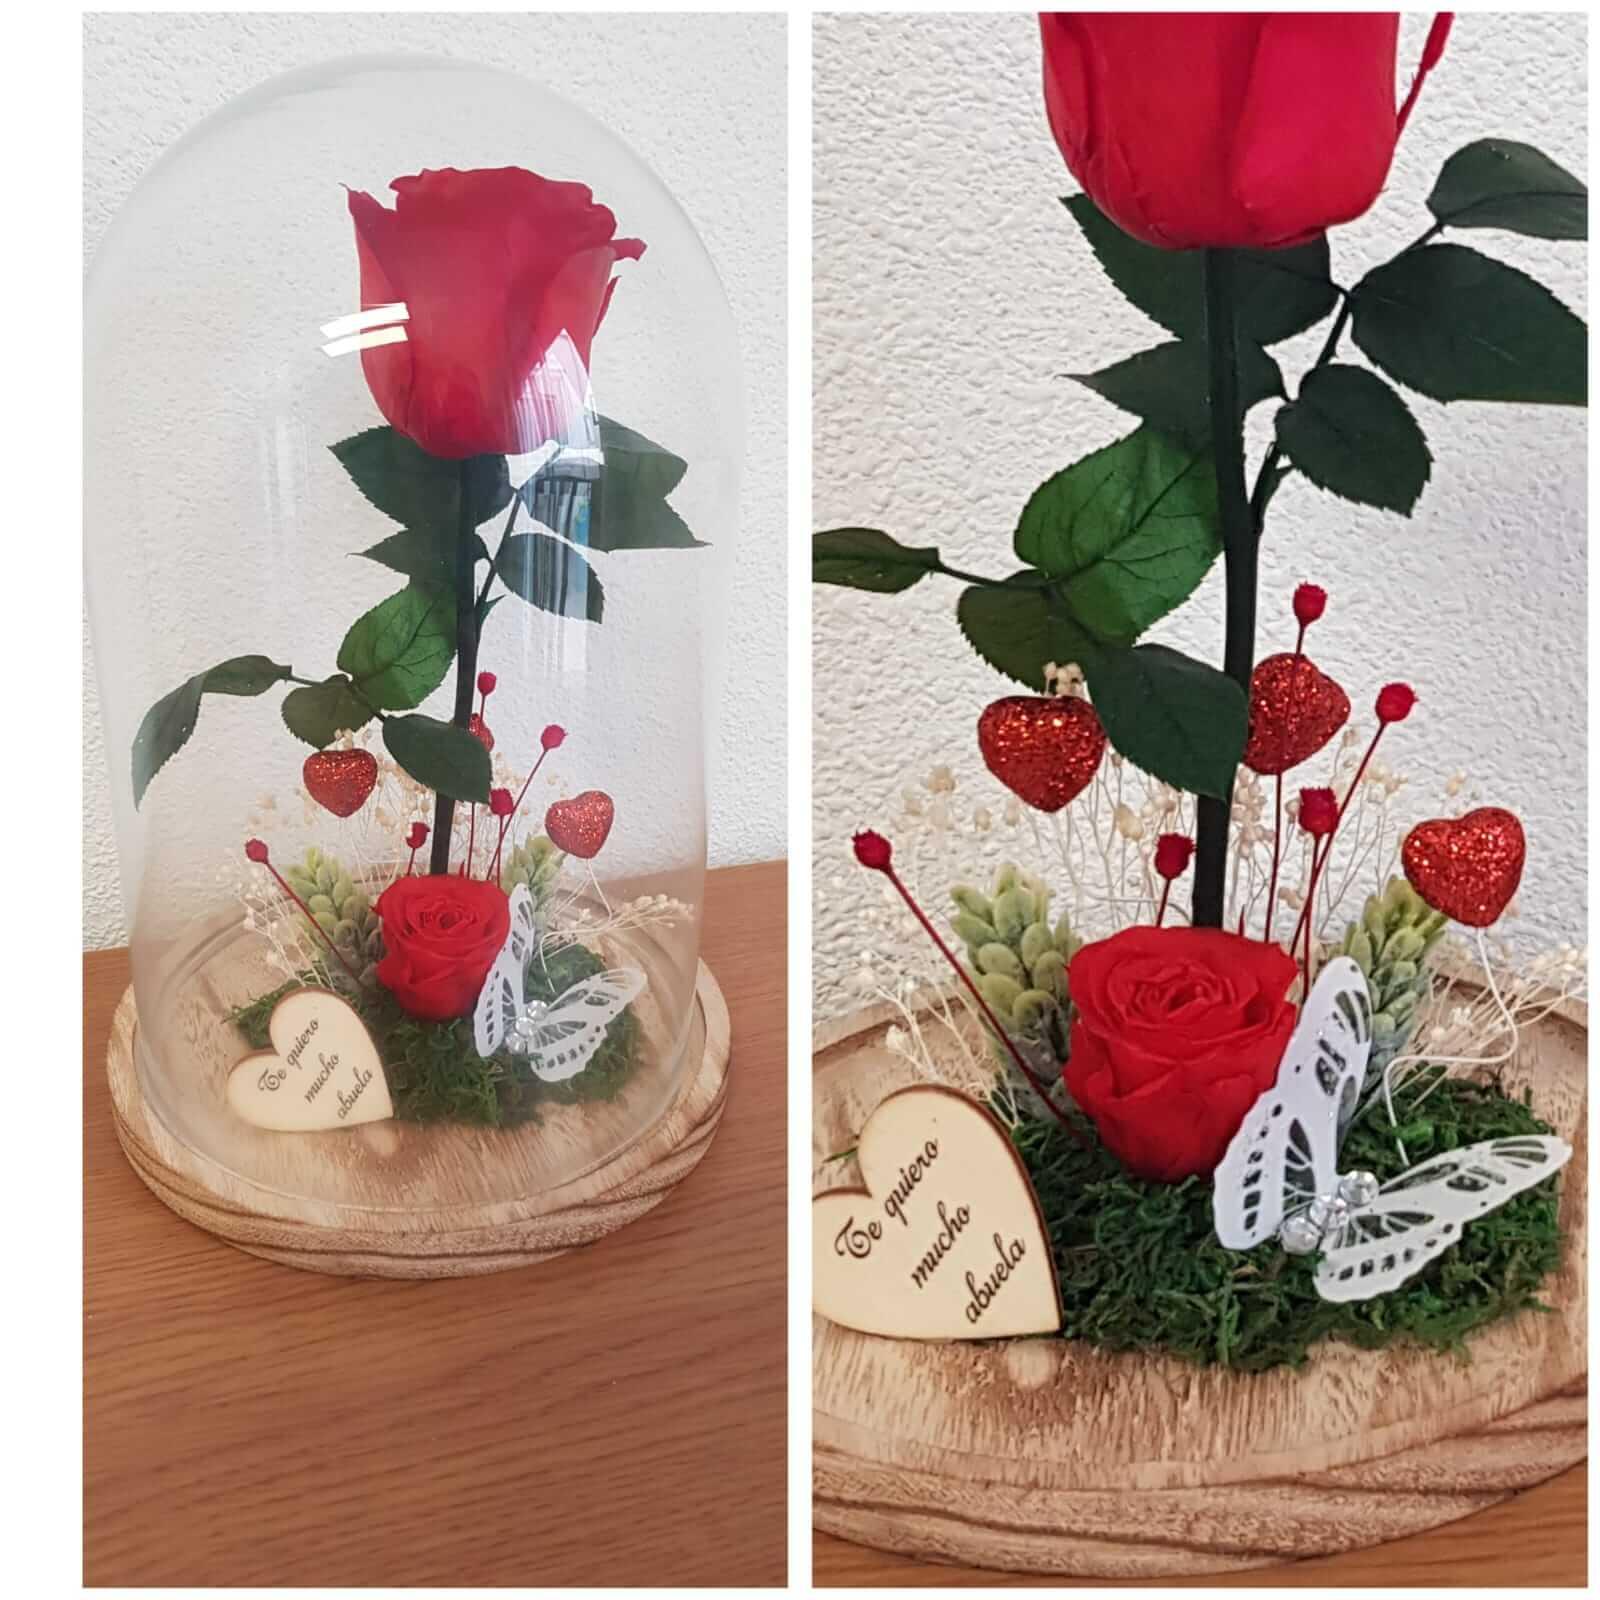 cupula de cristal cupula de cristal - Cupula de cristal con rosa preservada 3 - Cupula de cristal con rosa preservada